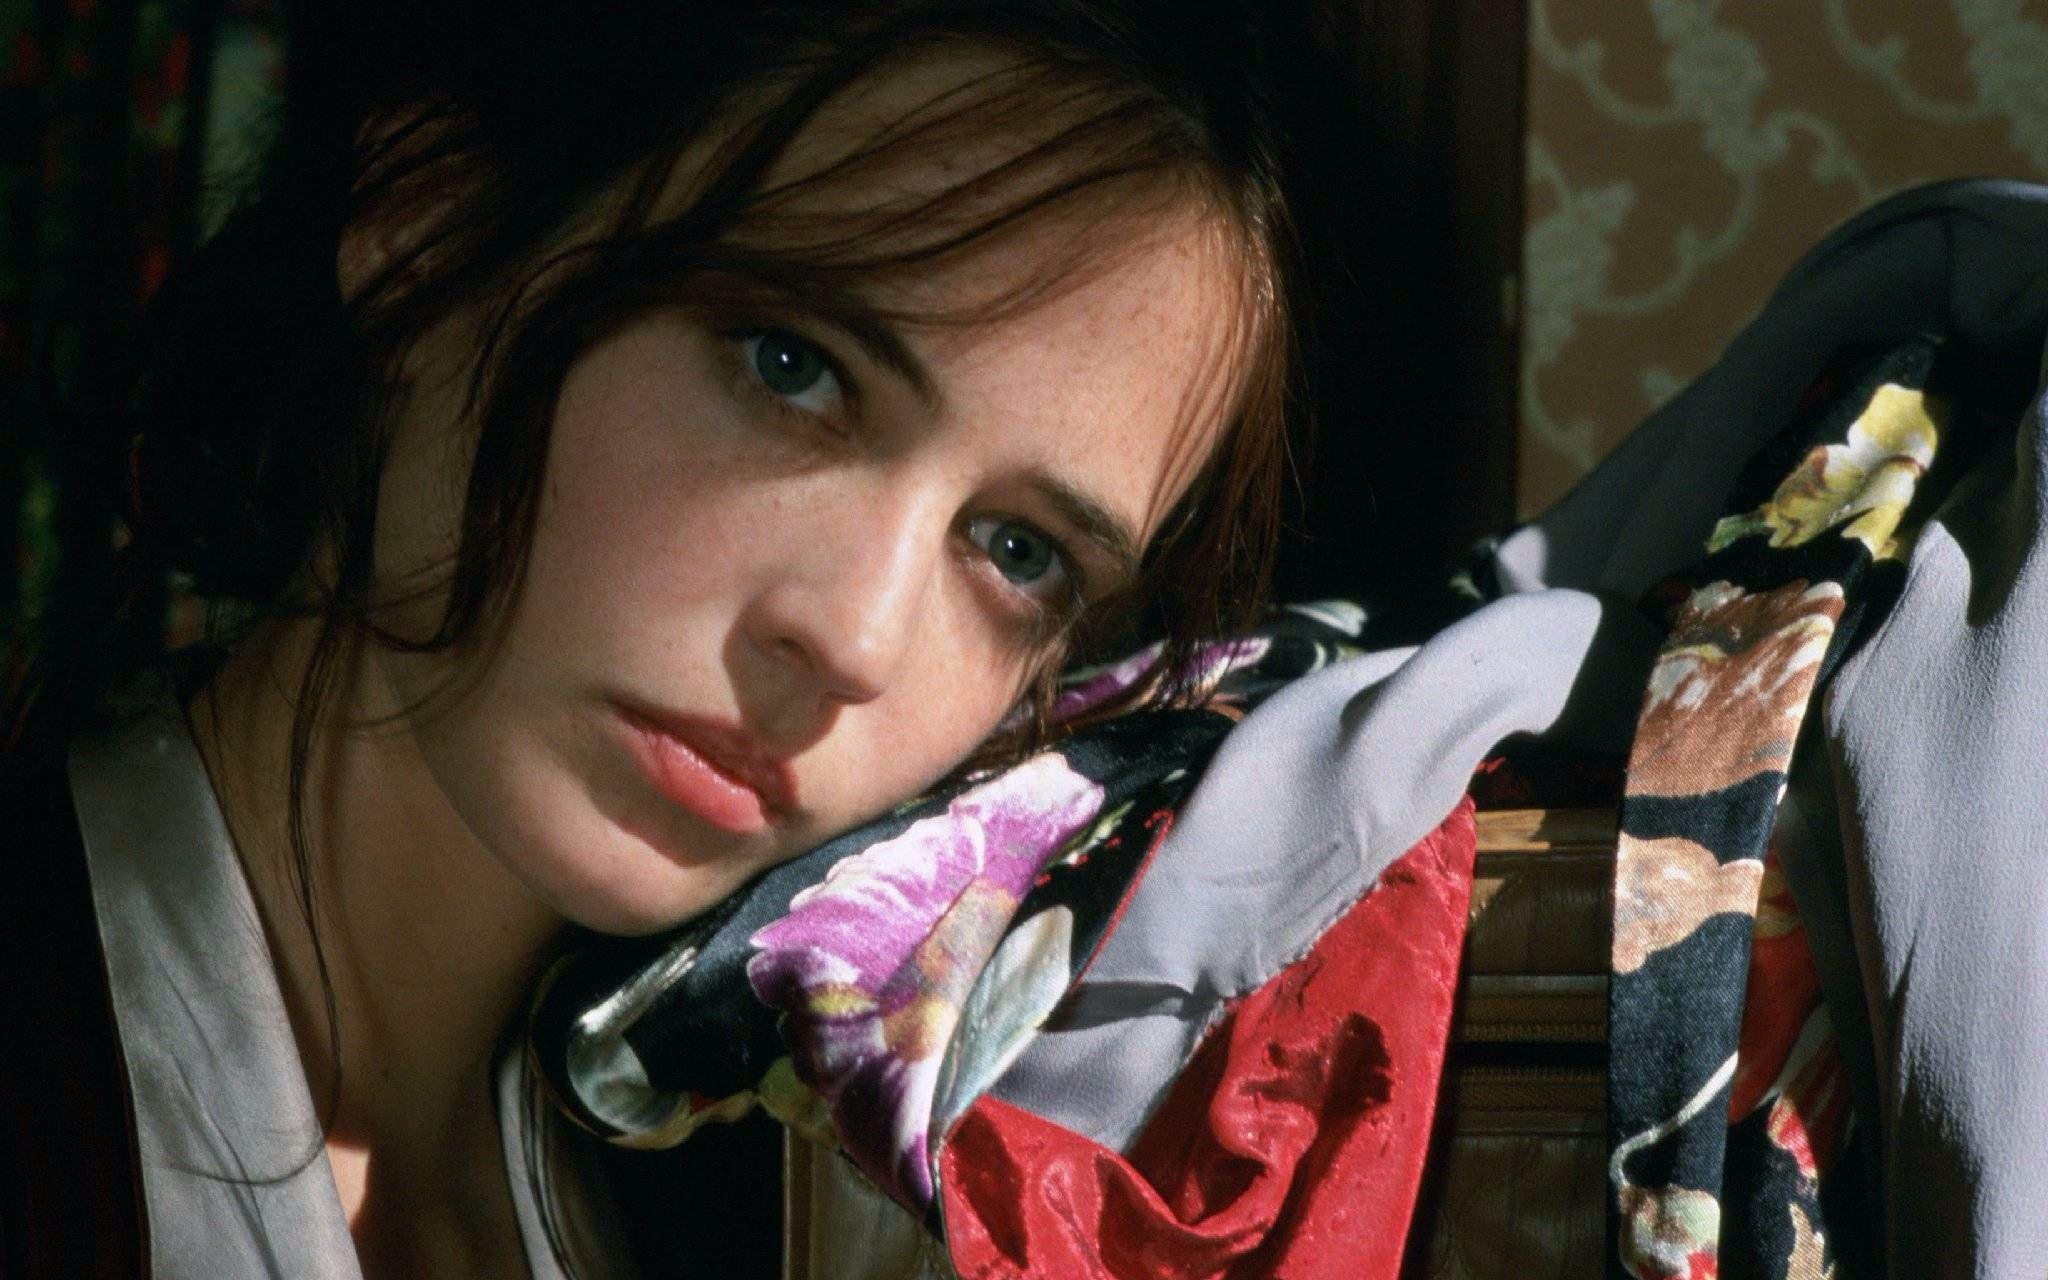 梦巴黎_【剧情】戏梦巴黎 2004 剪辑 迈克尔·皮特、路易斯·加瑞尔、伊娃 ...